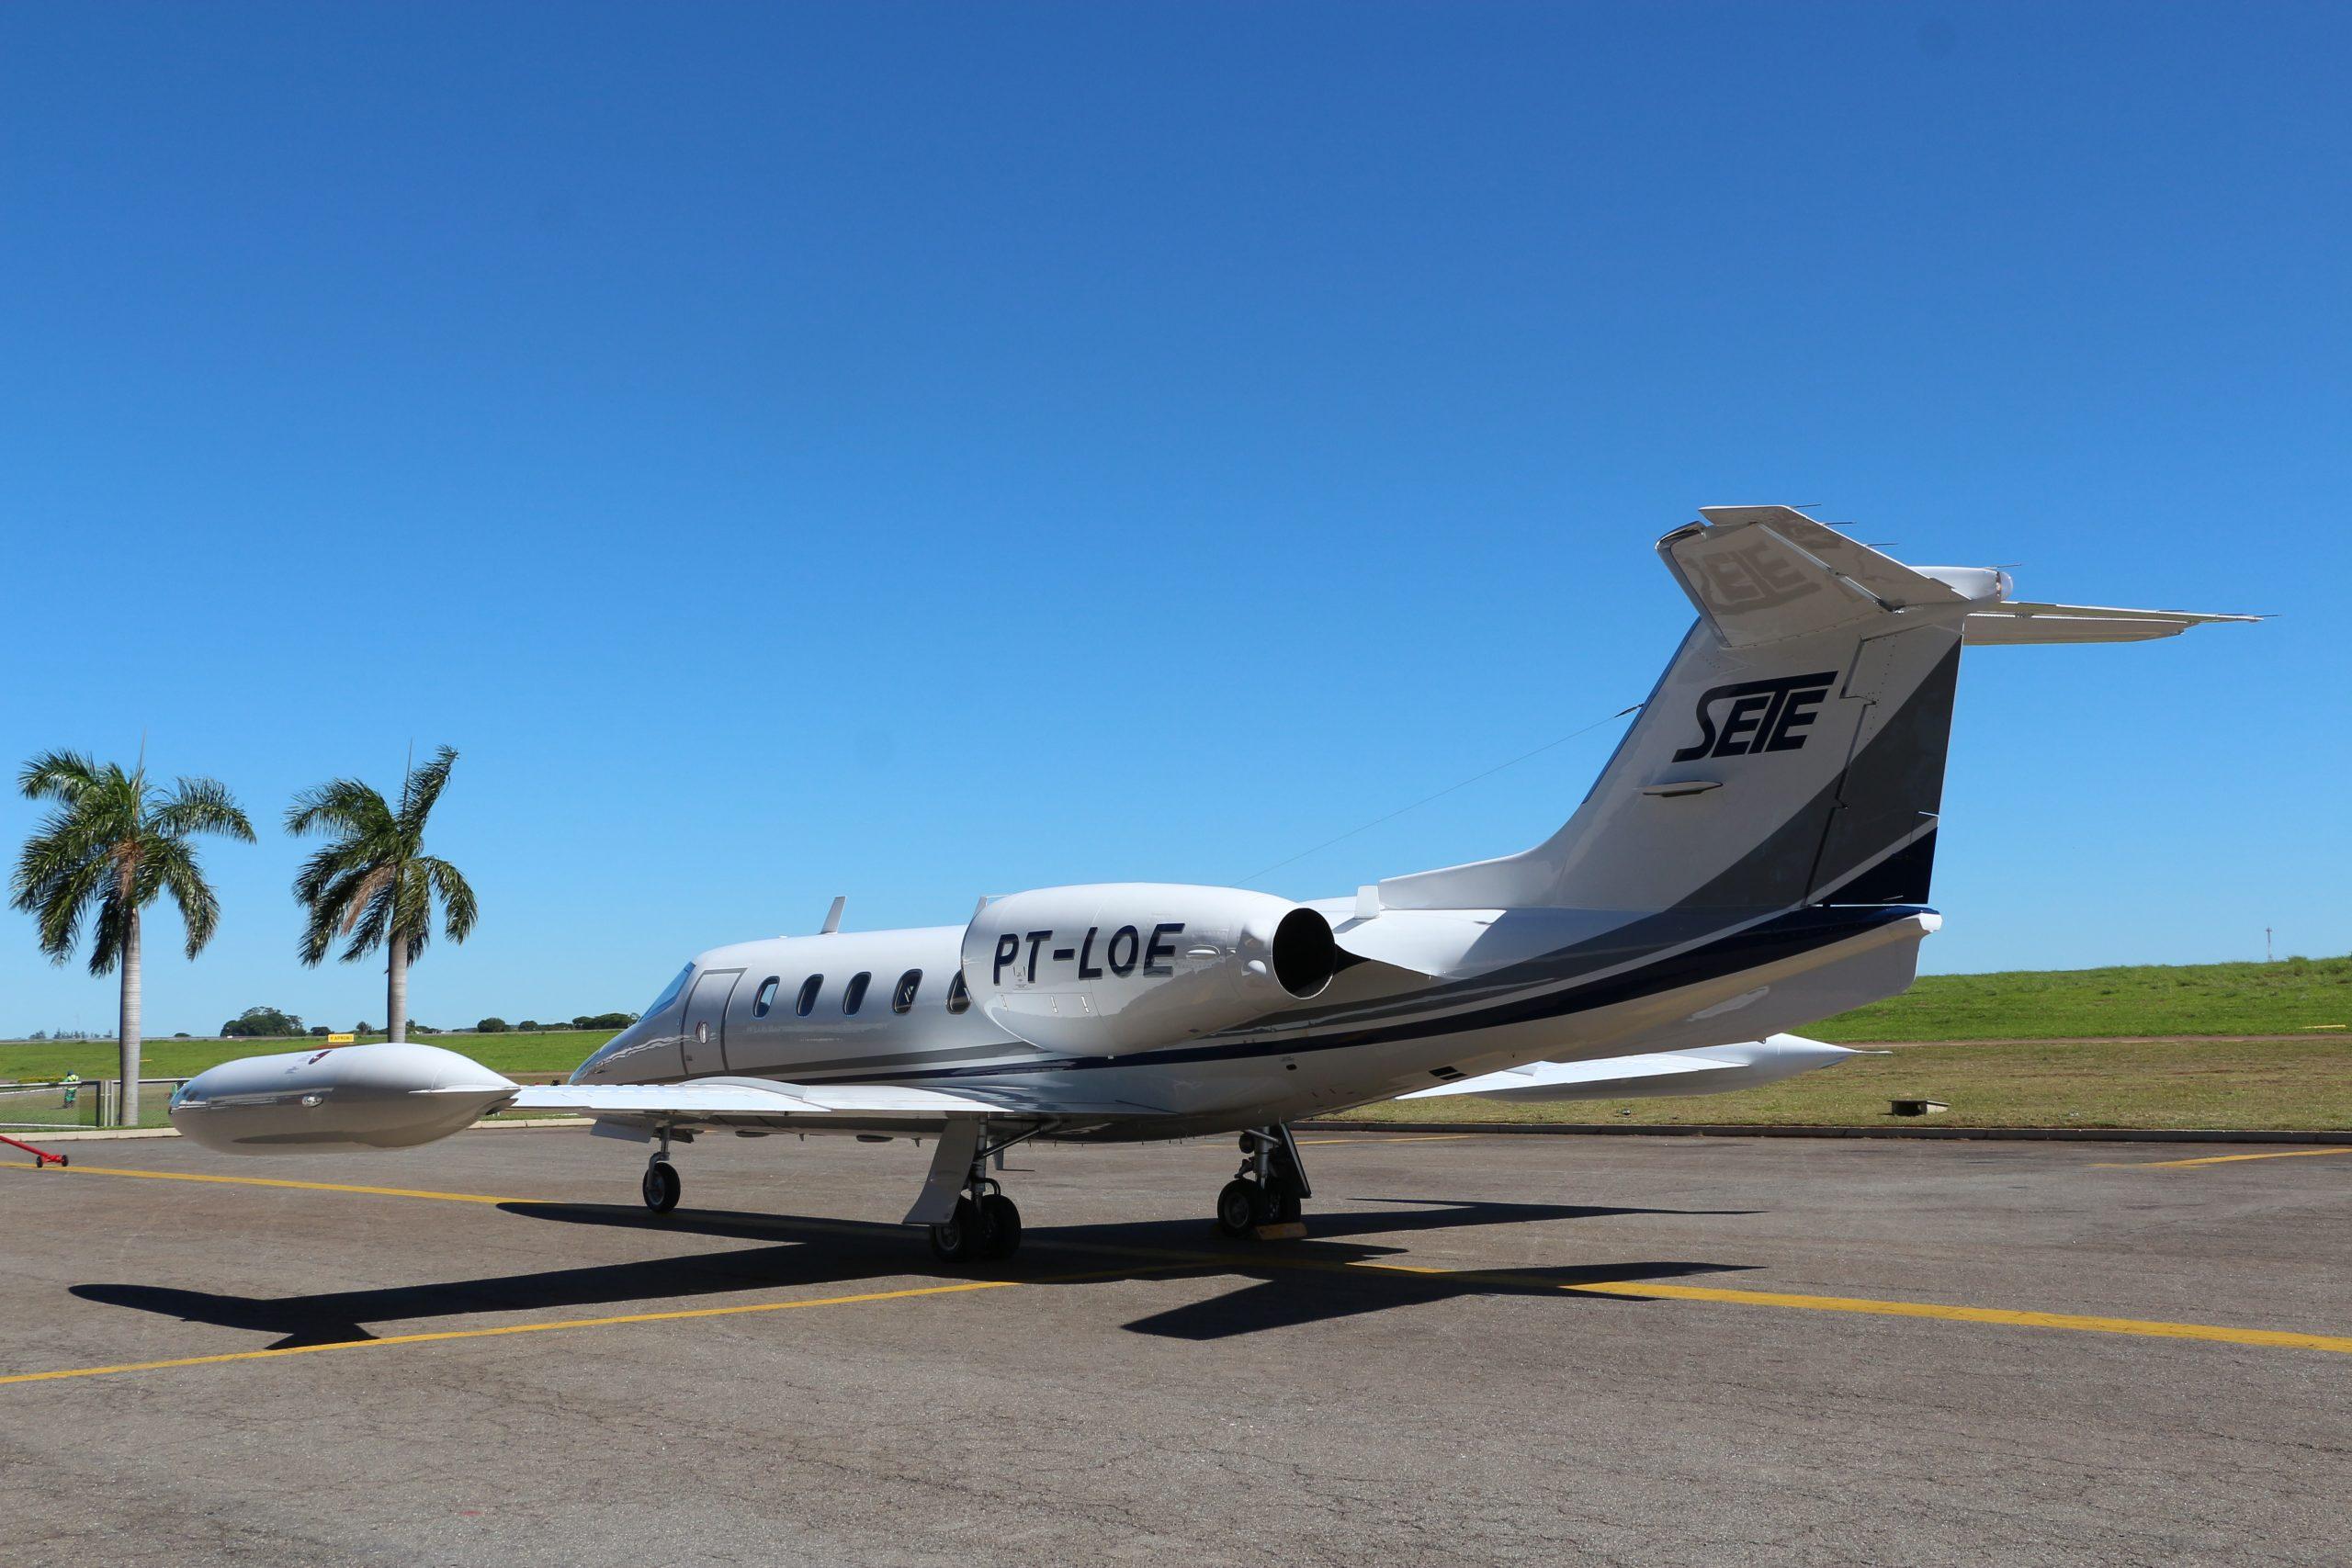 UTI Aérea Neonatal Hato Learjet 35-A